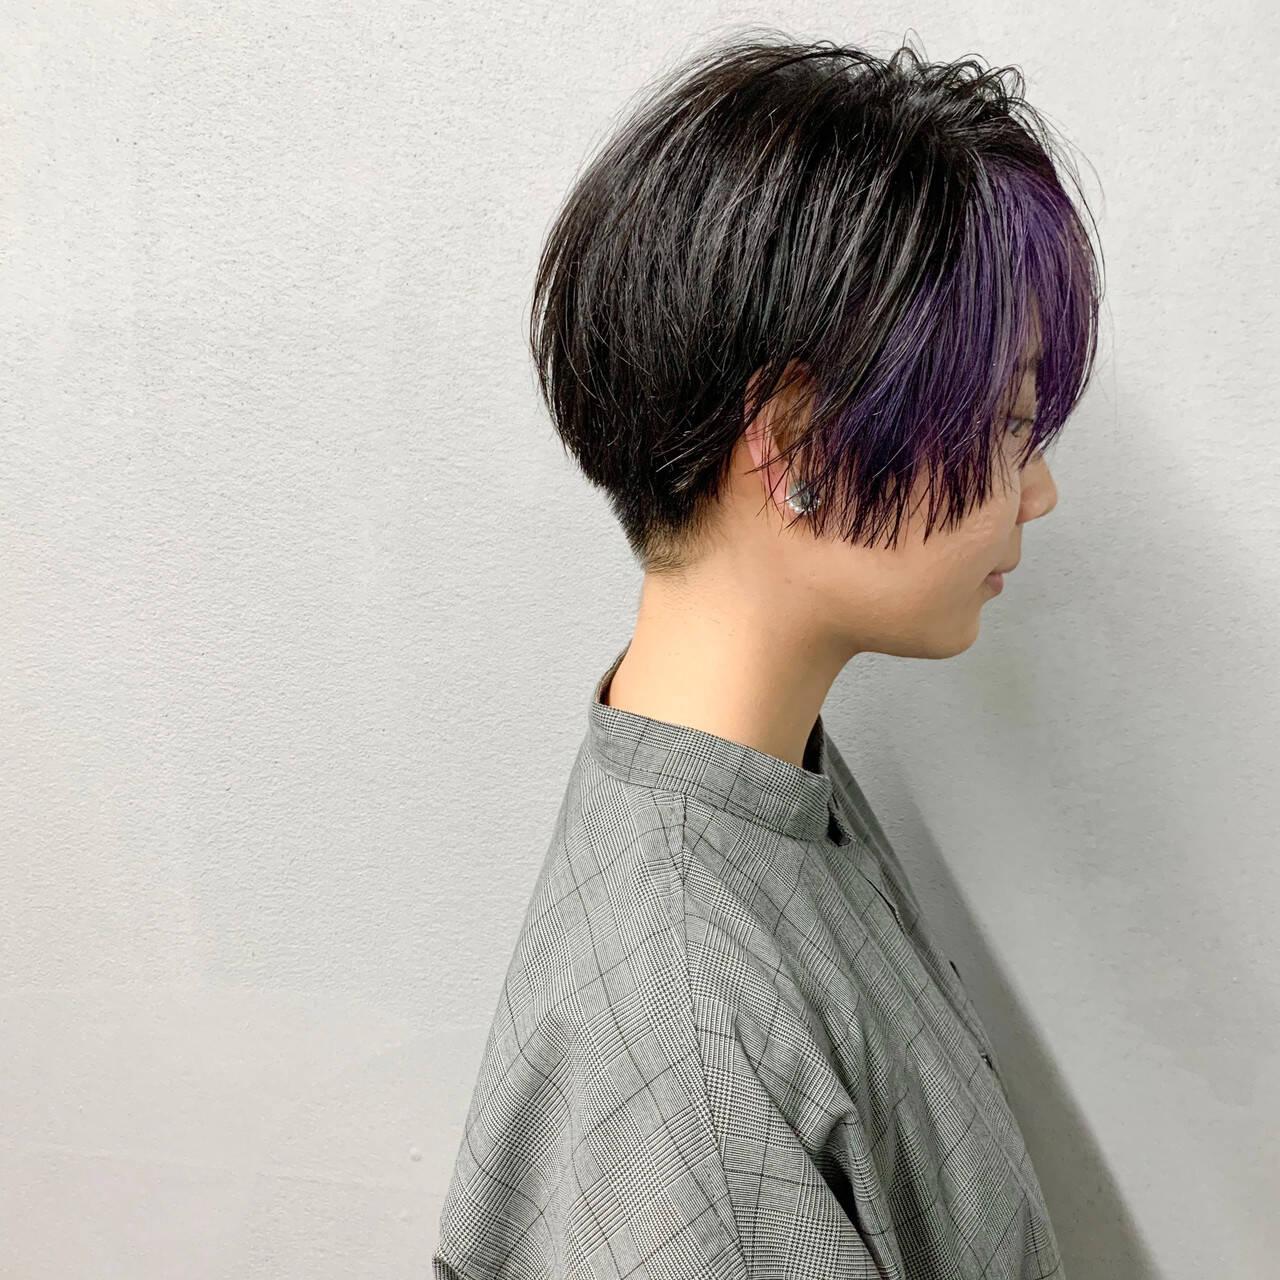 インナーカラー マッシュショート ストリート バイオレットカラーヘアスタイルや髪型の写真・画像